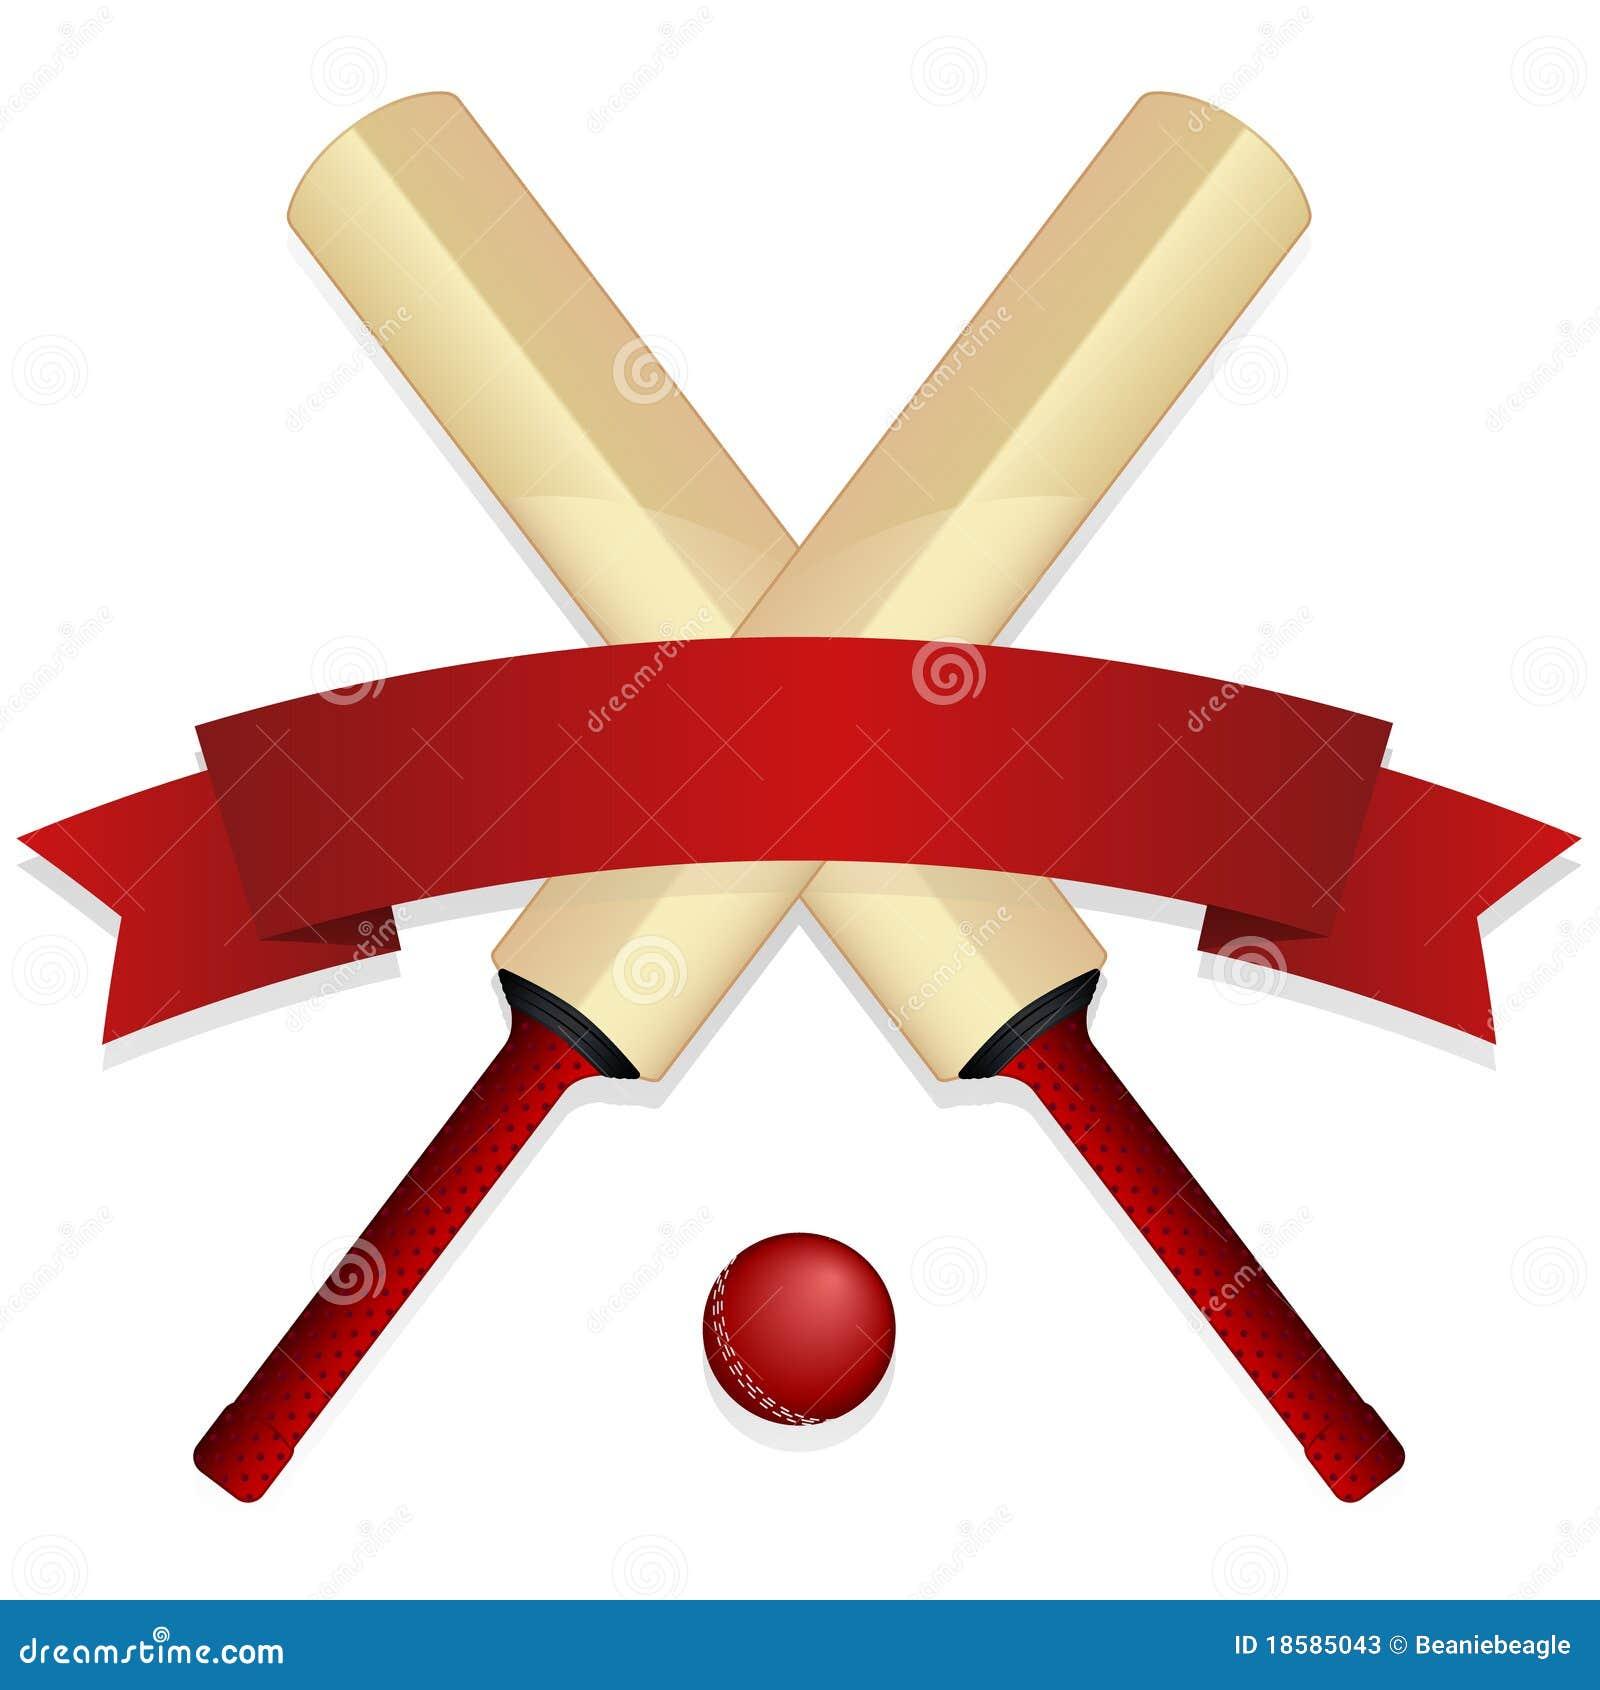 Cricket Bat Emblem